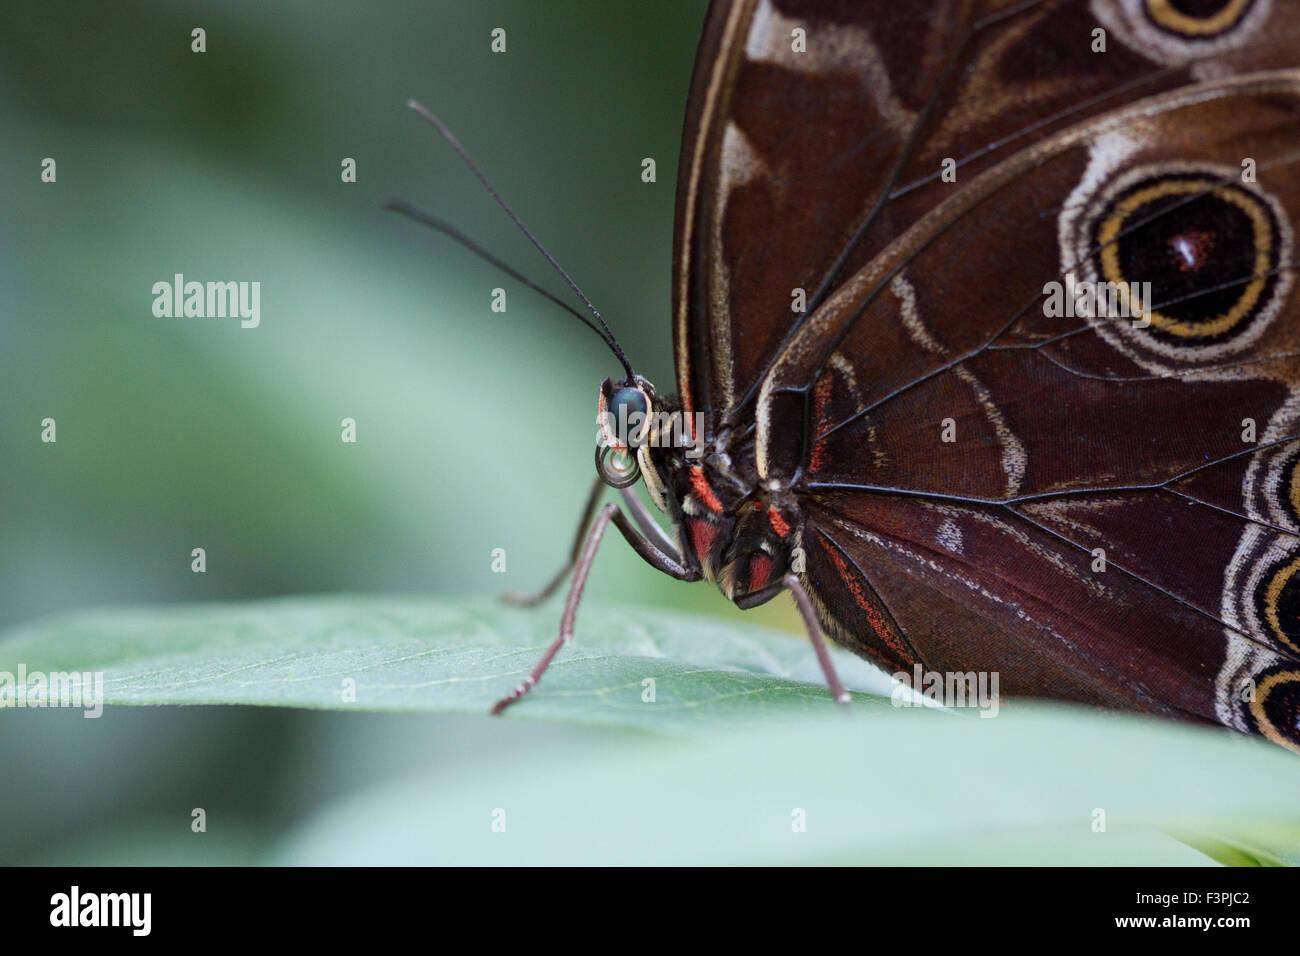 Owl Butterfly (Caligo memnon). - Stock Image